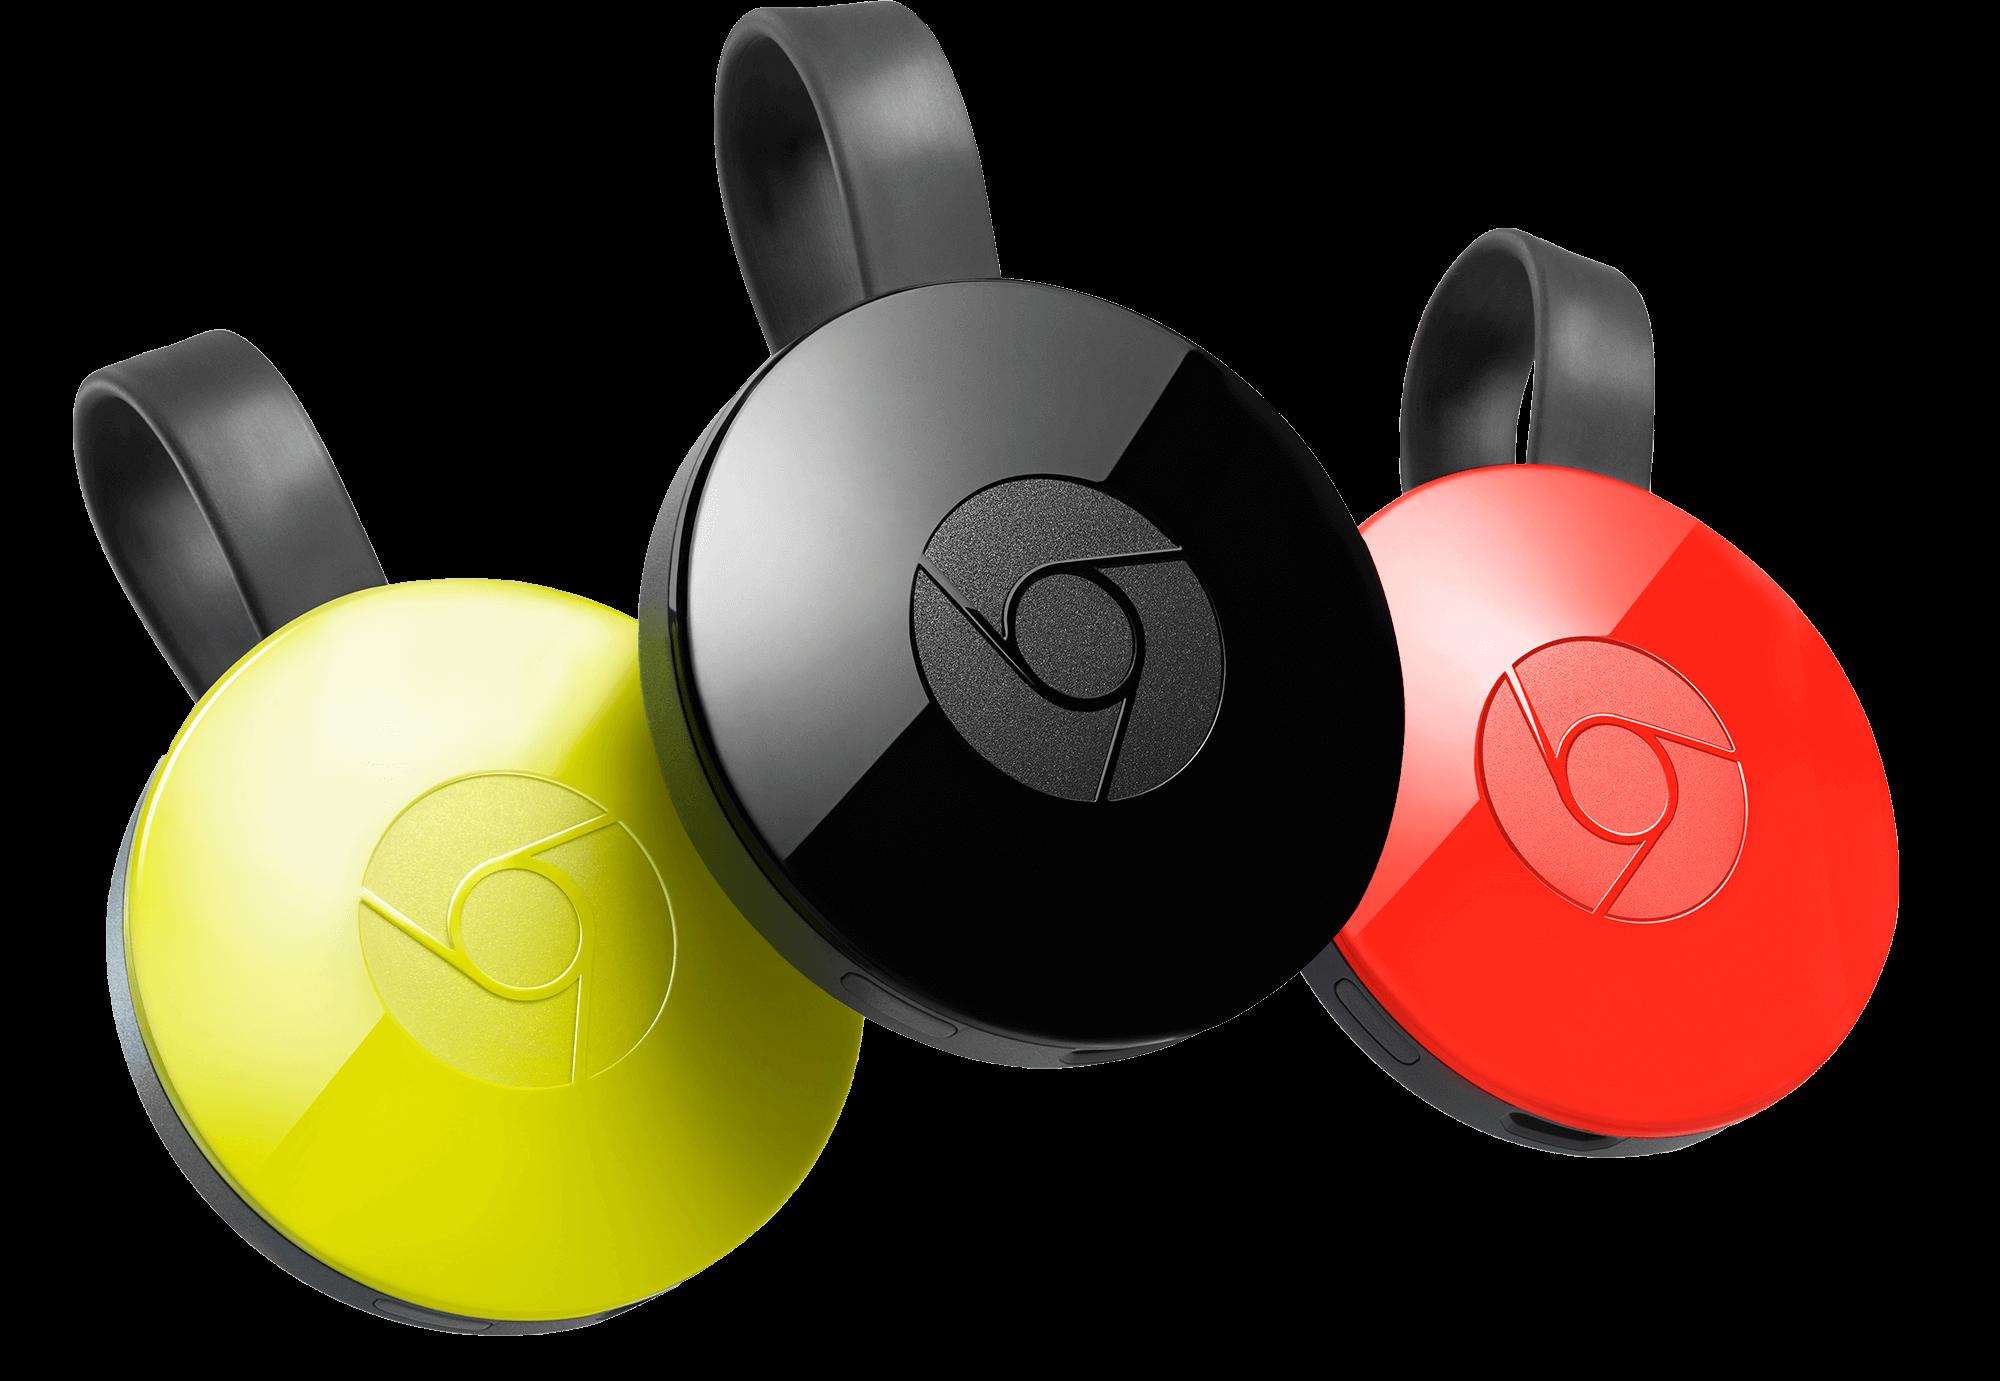 O próximo Google Chromecast pode incluir controle remoto físico e Android TV